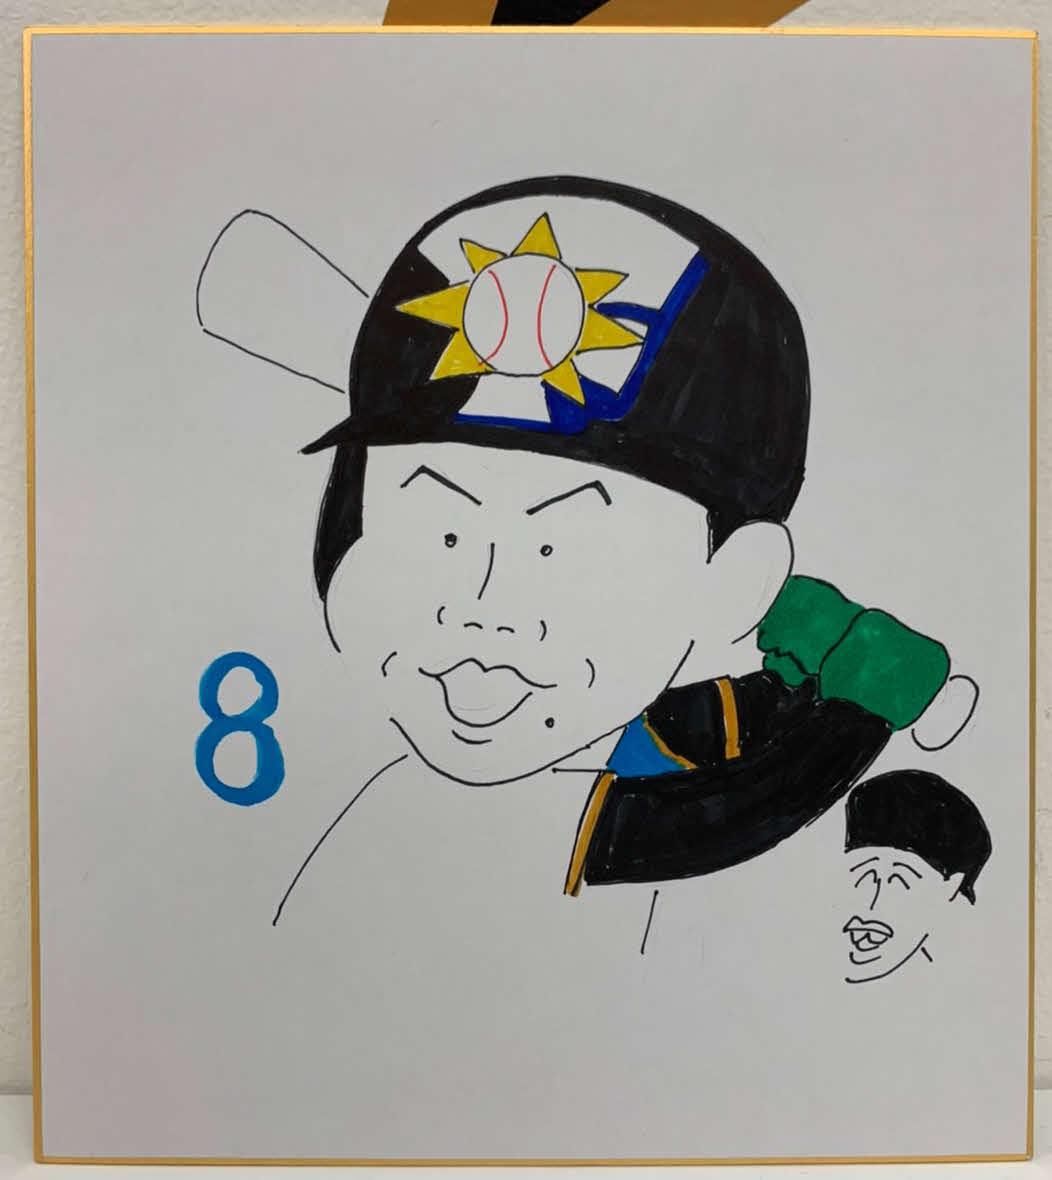 日本ハム木田投手コーチが描いた近藤健介外野手